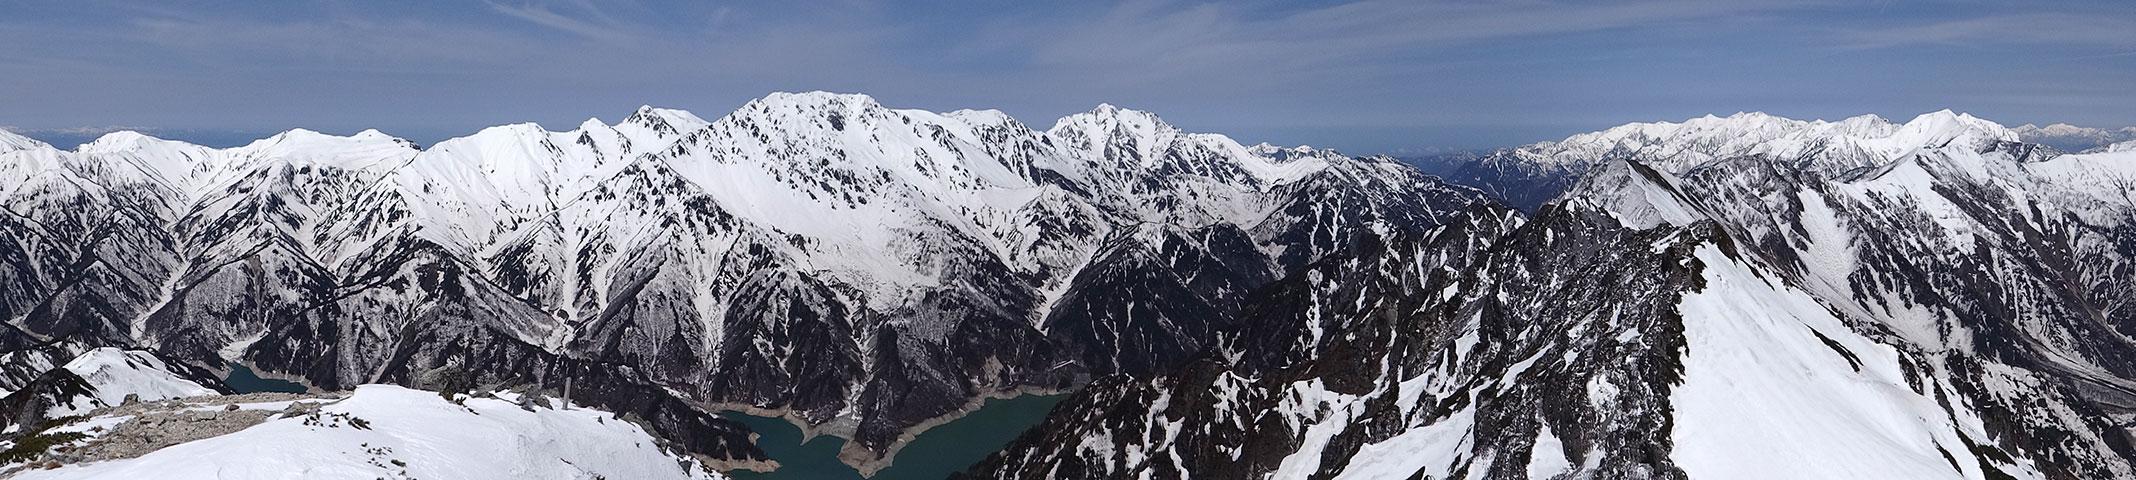 針ノ木岳山頂から、立山、剱、後立山のパノラマ